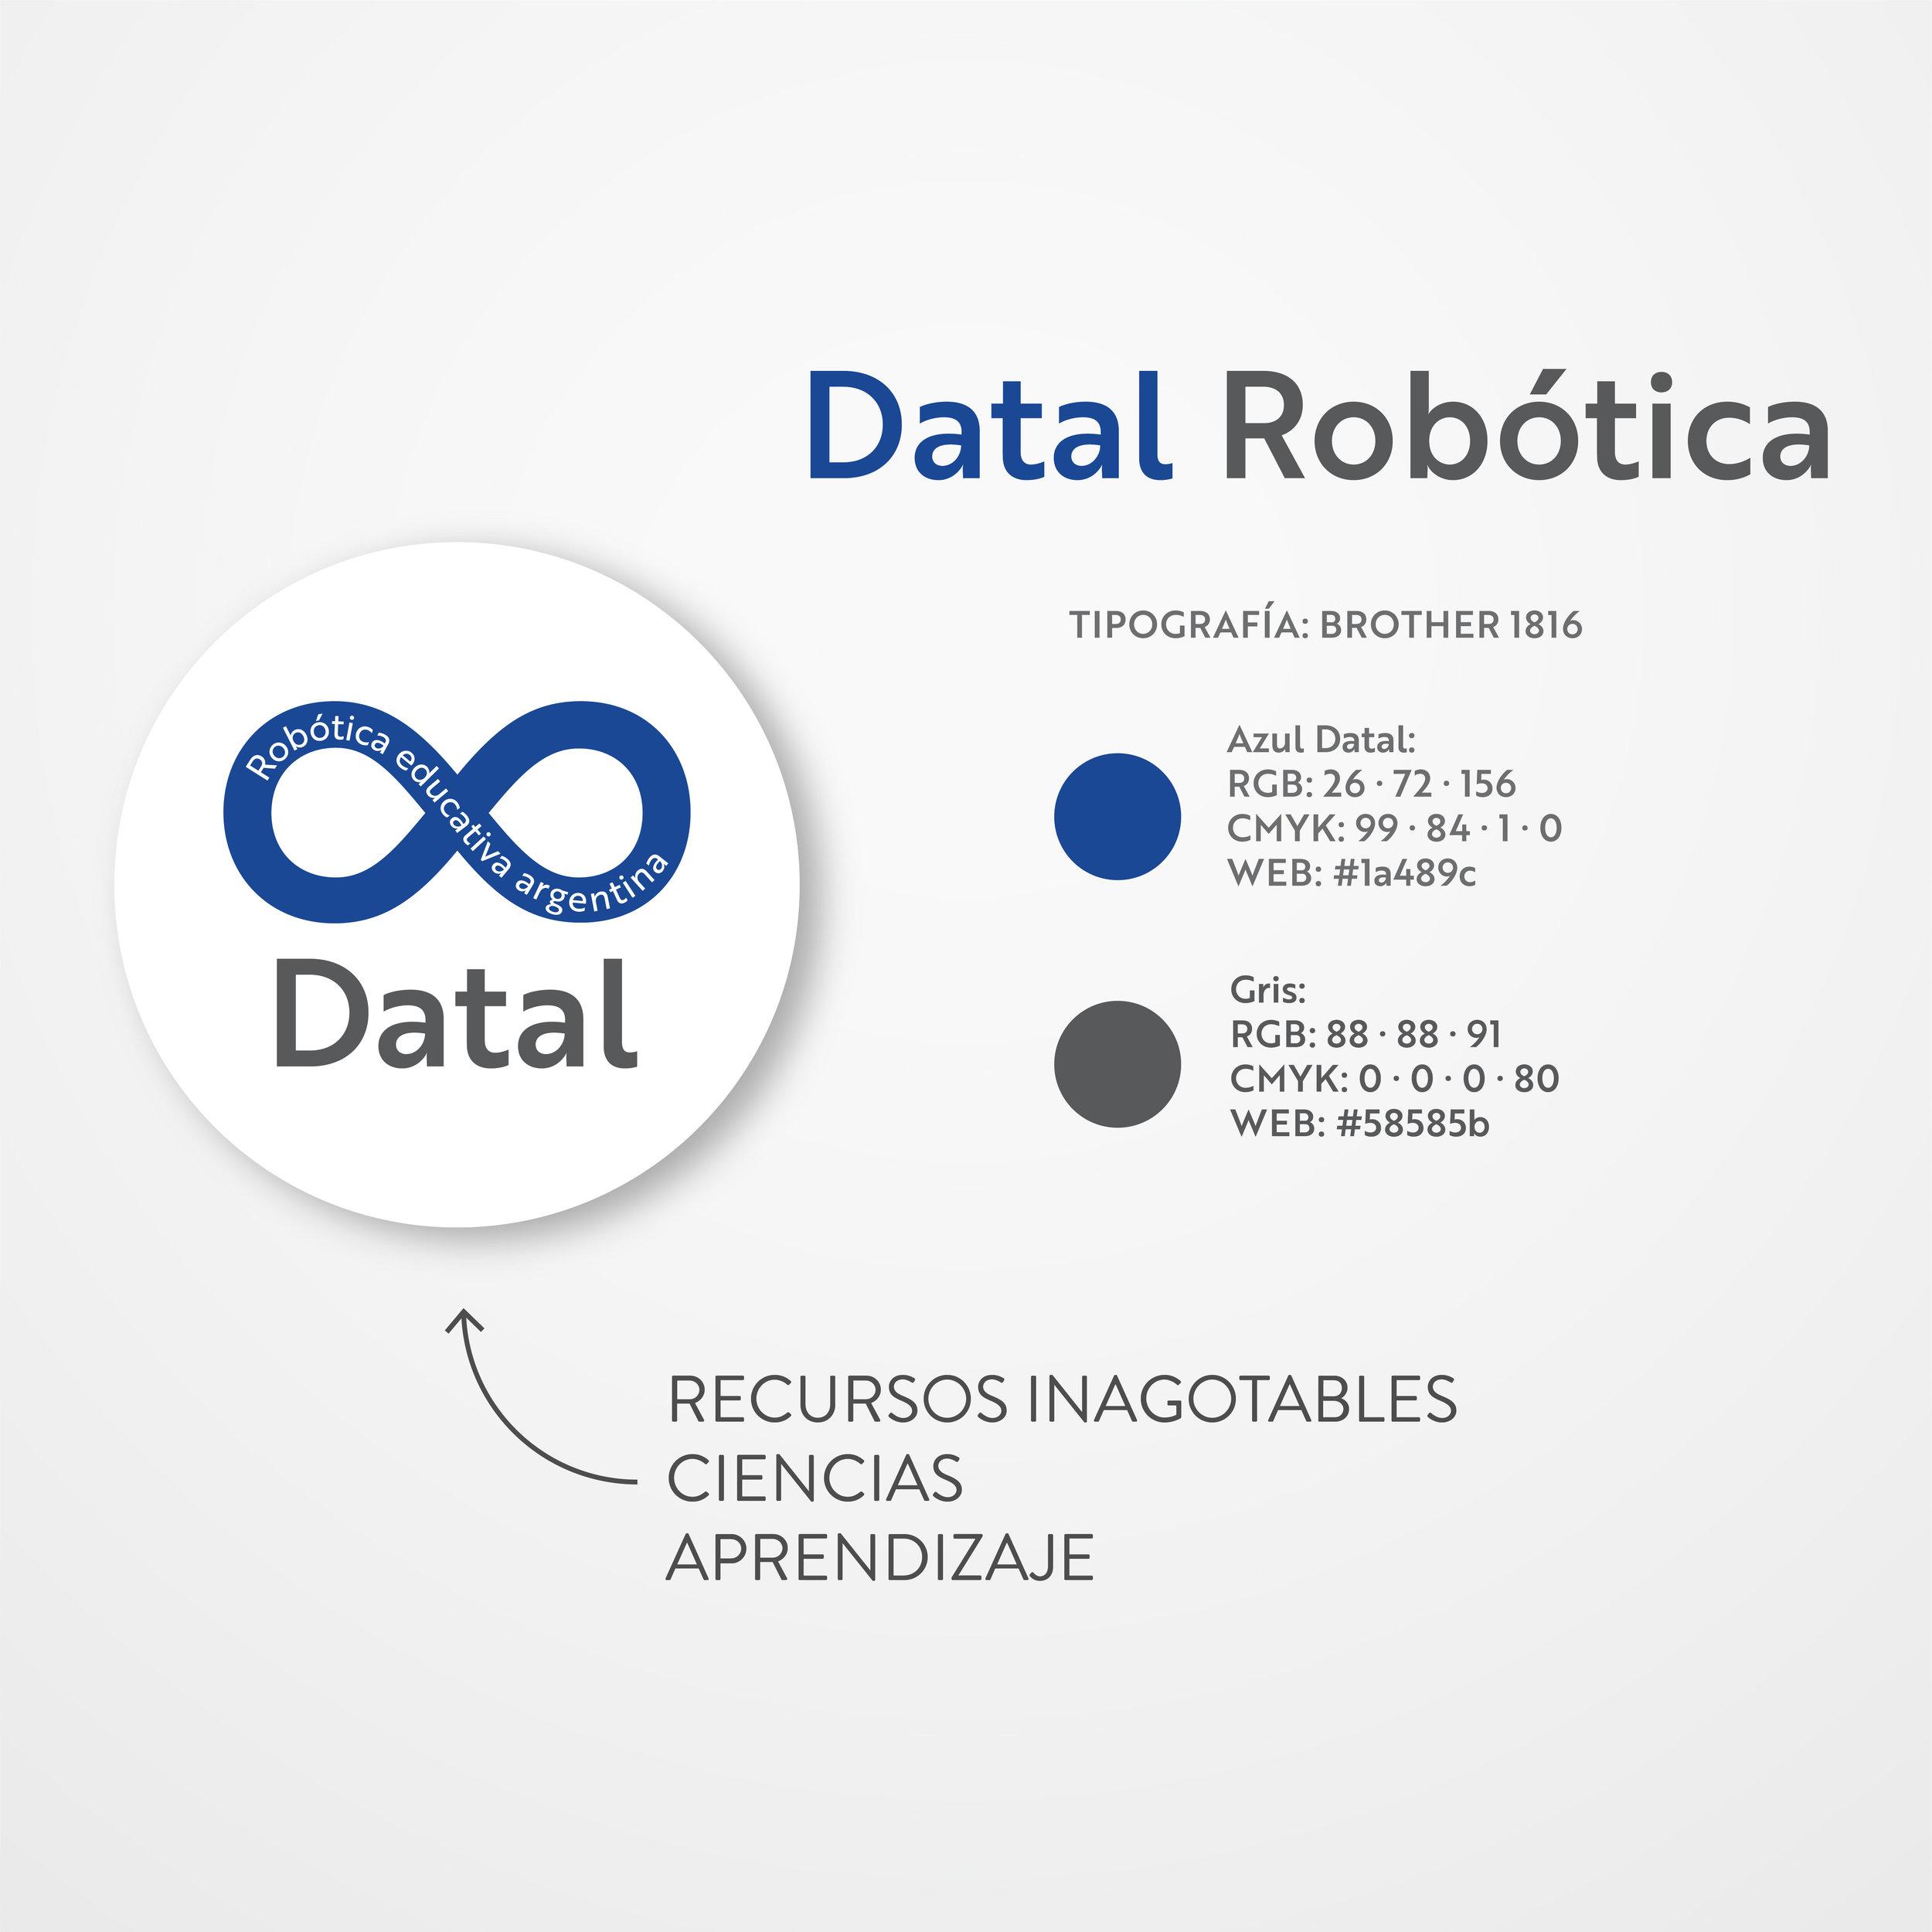 Datal_branding-06.jpg